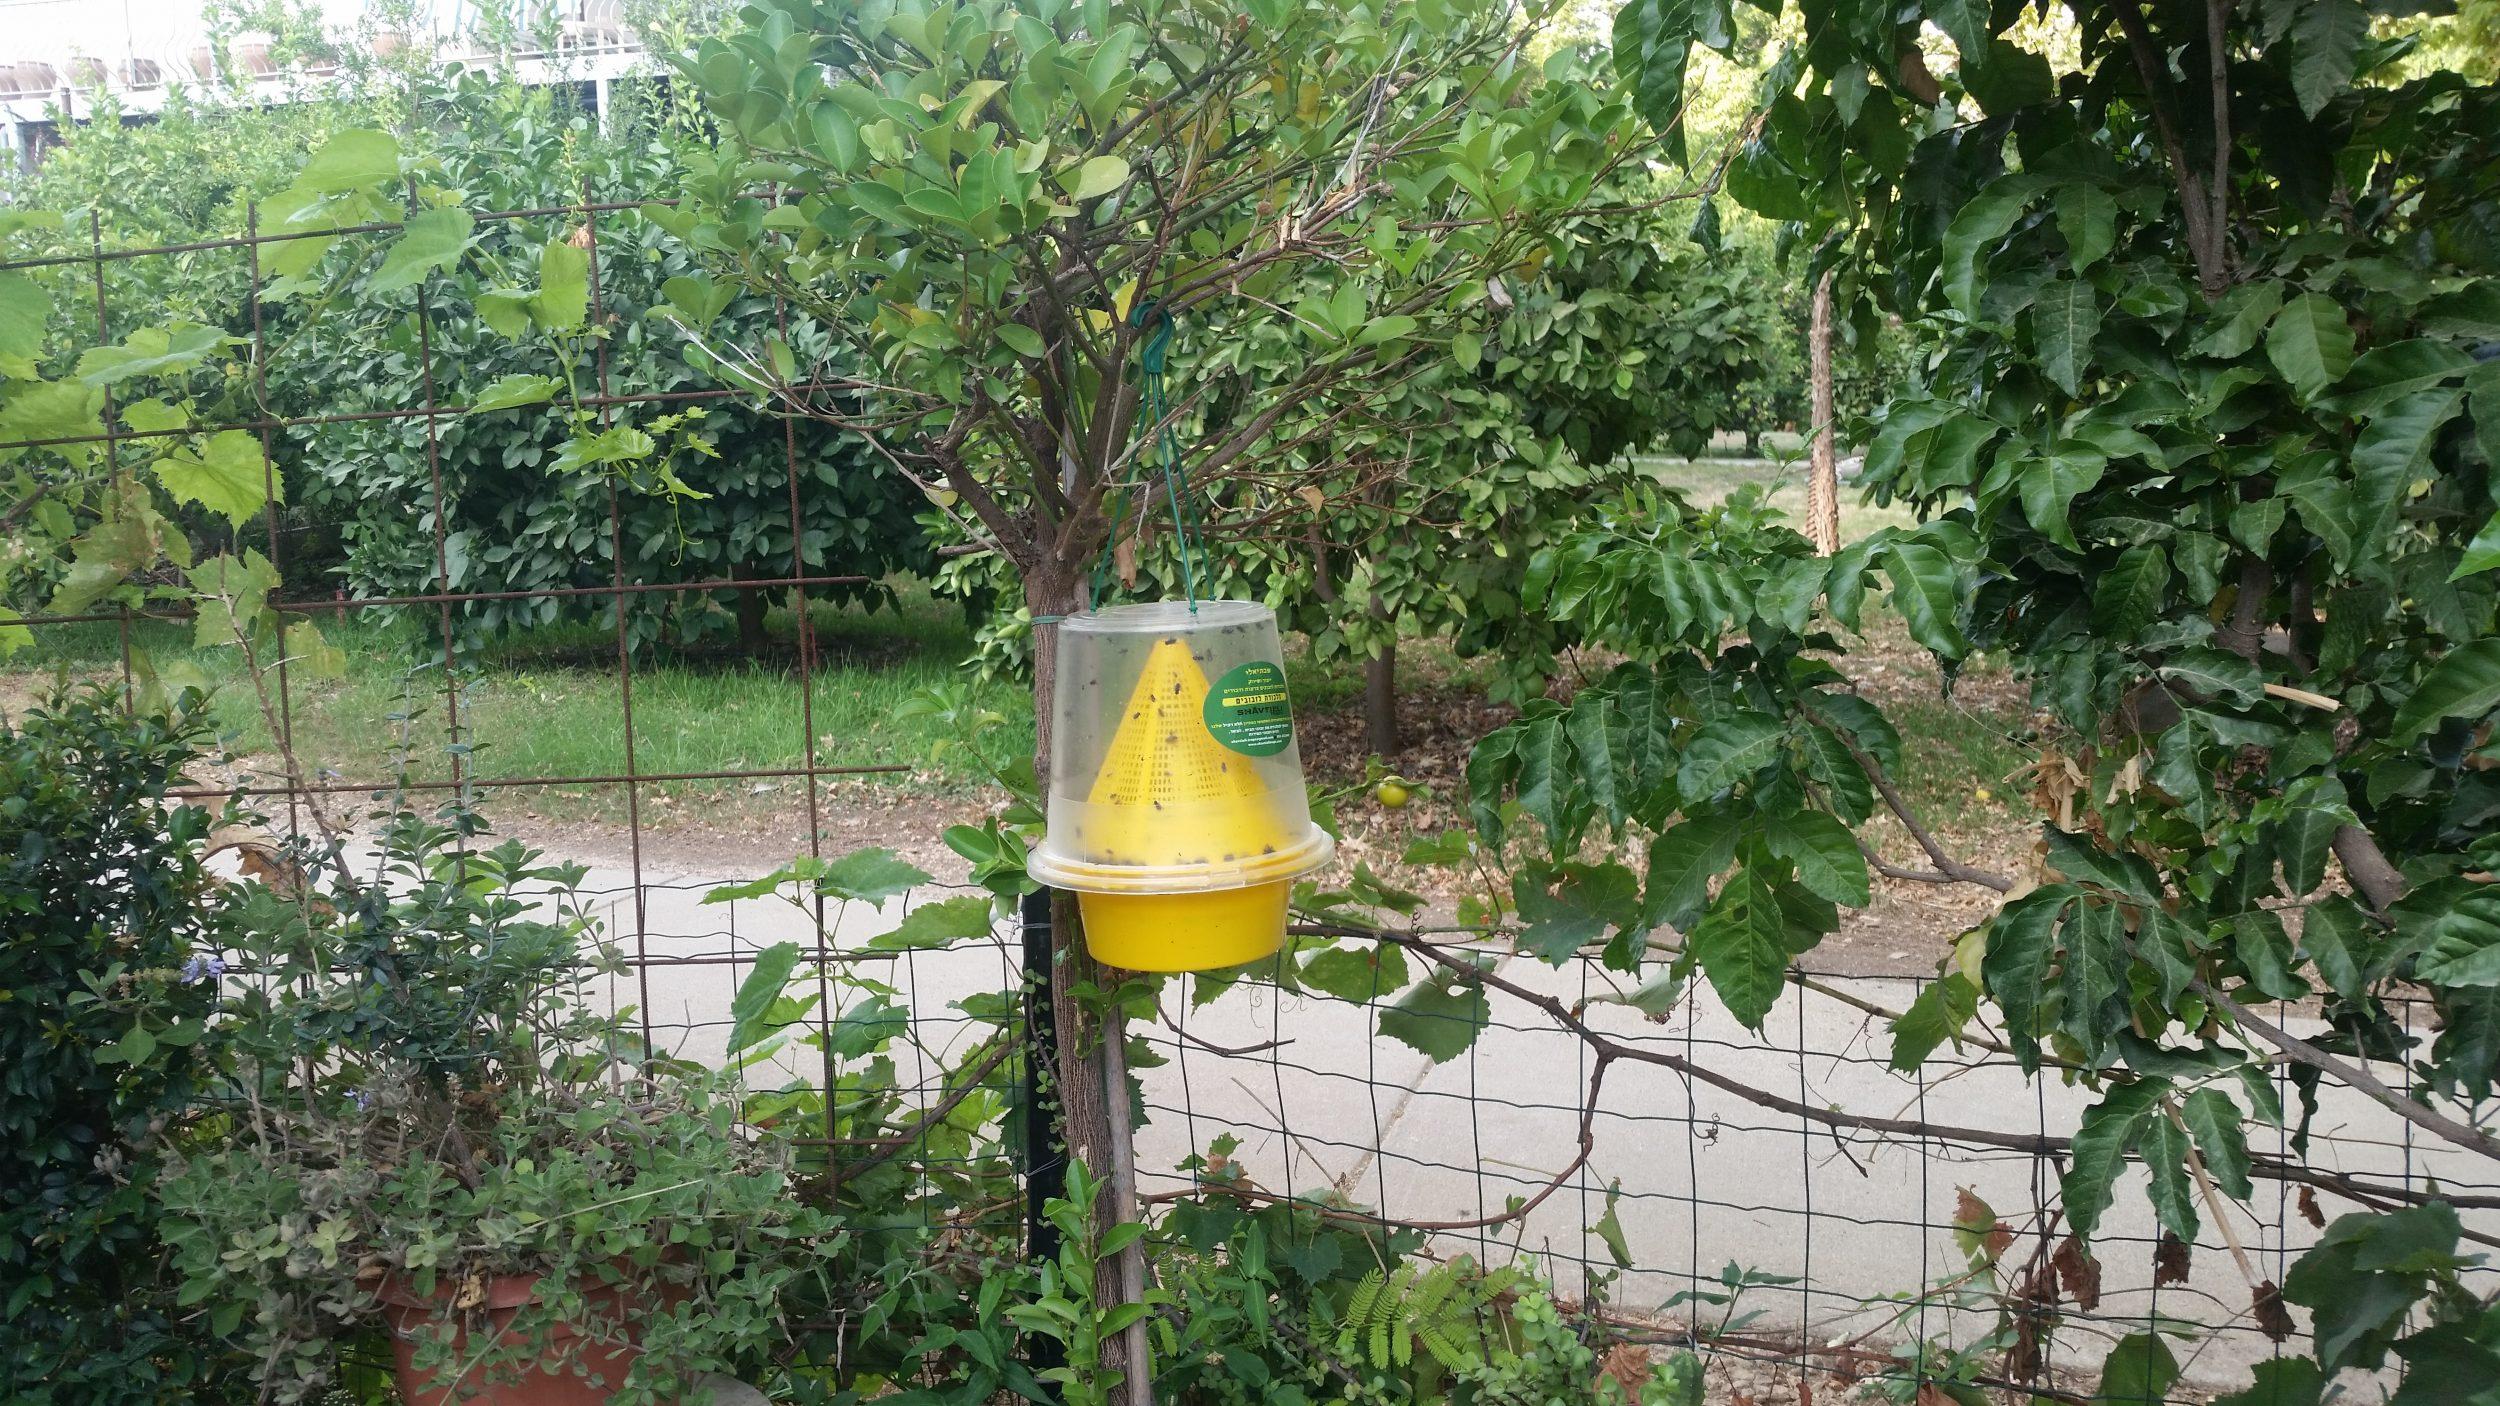 מלכודת זבובים לחצר